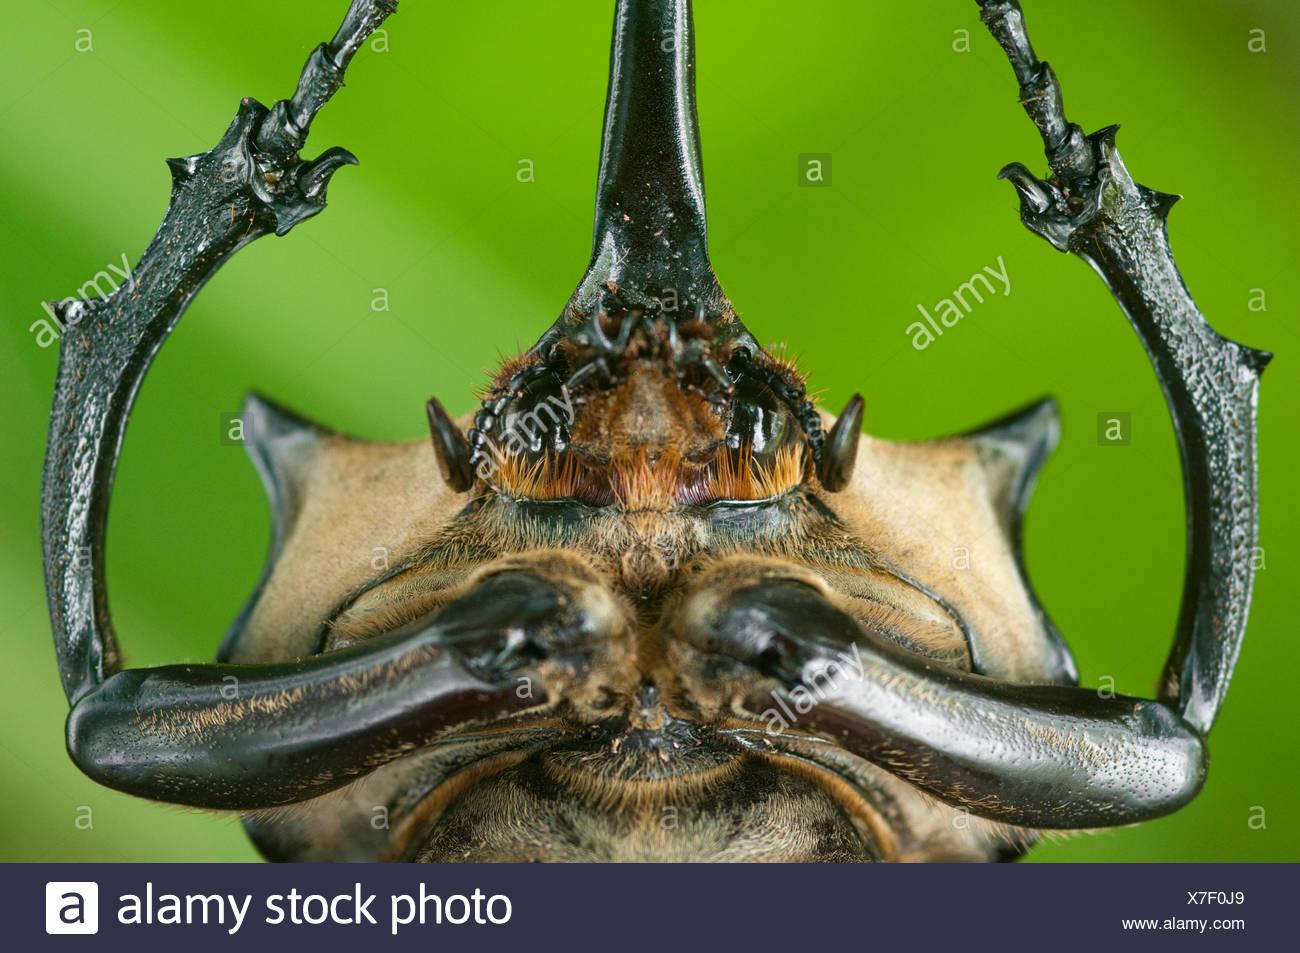 Nahaufnahme von Kopf und Prothorax männlichen Elefanten-Käfer (Megasoma Elephas) mit Hörnern, Santa Rita, Costa Rica Stockbild